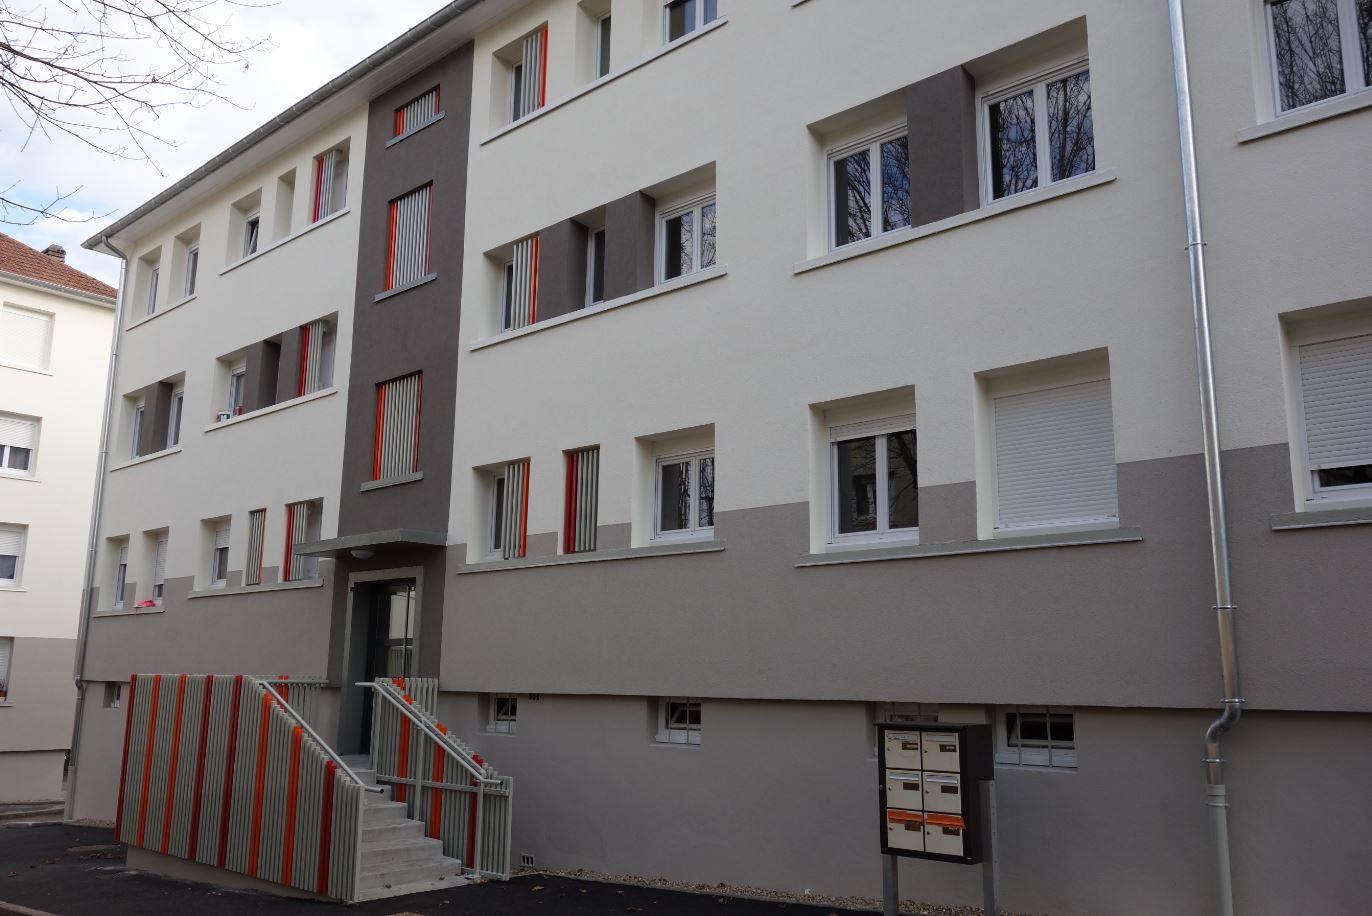 La résidence Jean Jaurès réhabilitée